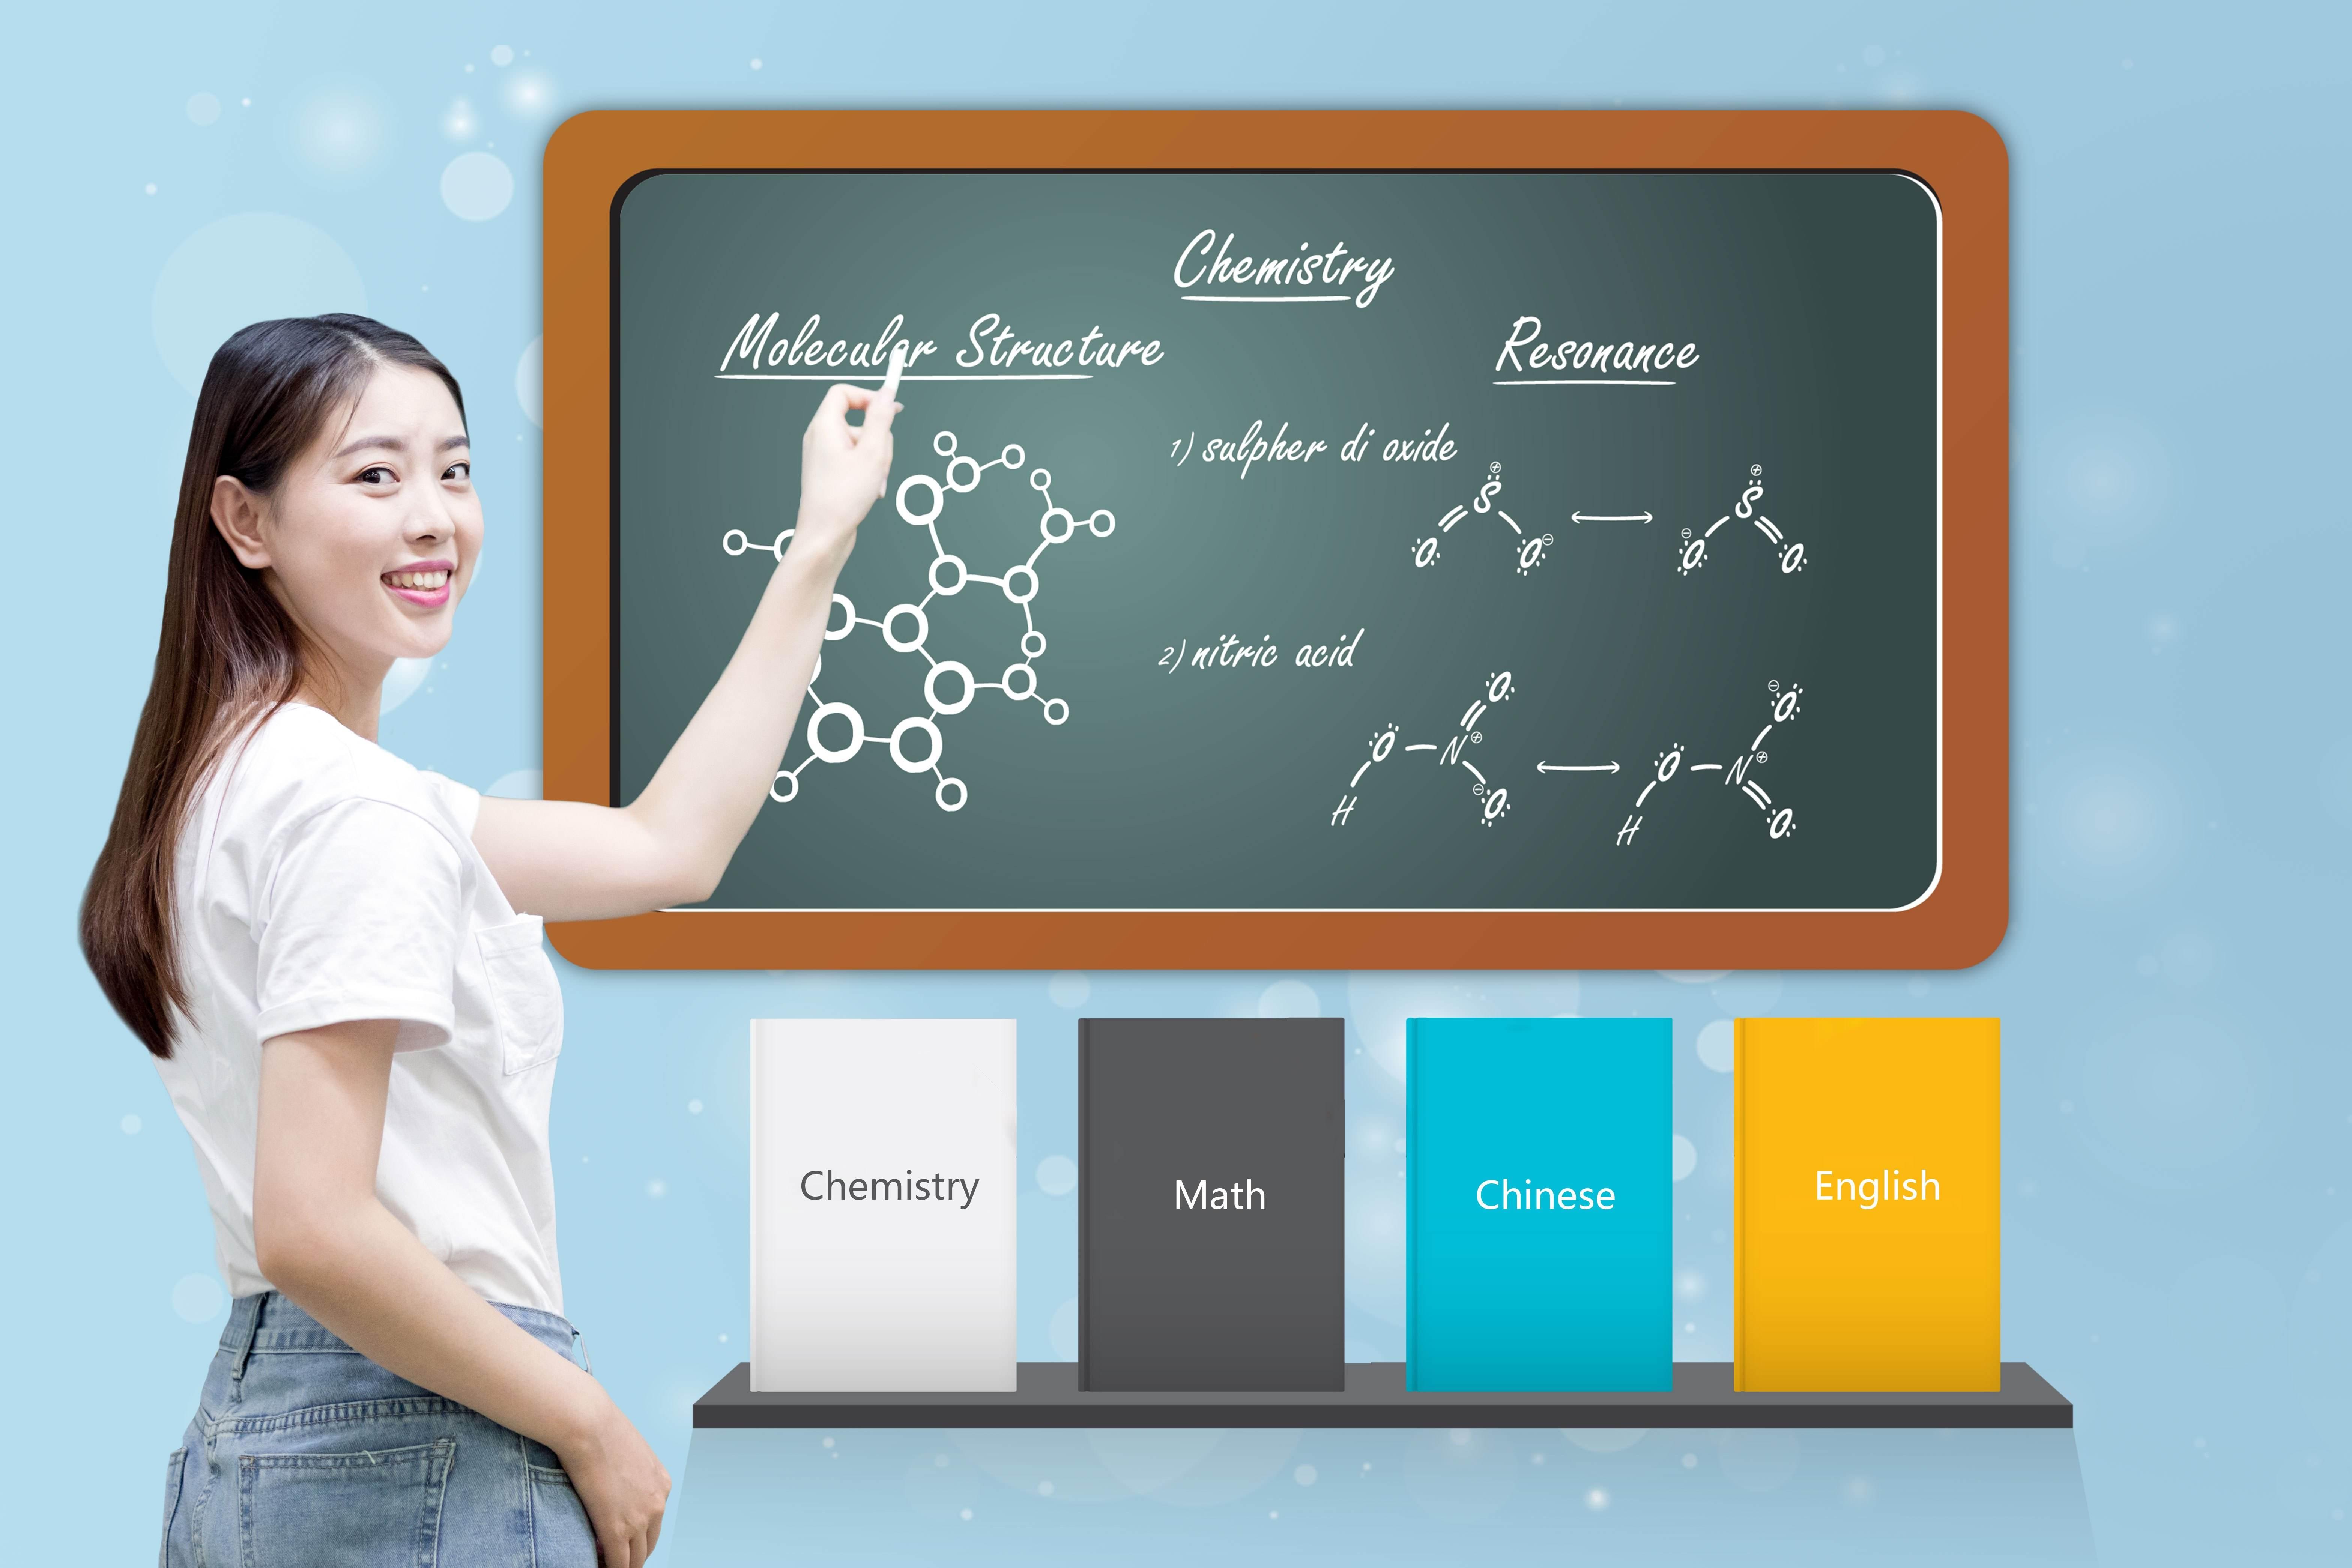 教育小程序开发解决方案,助力教育产业成功转型